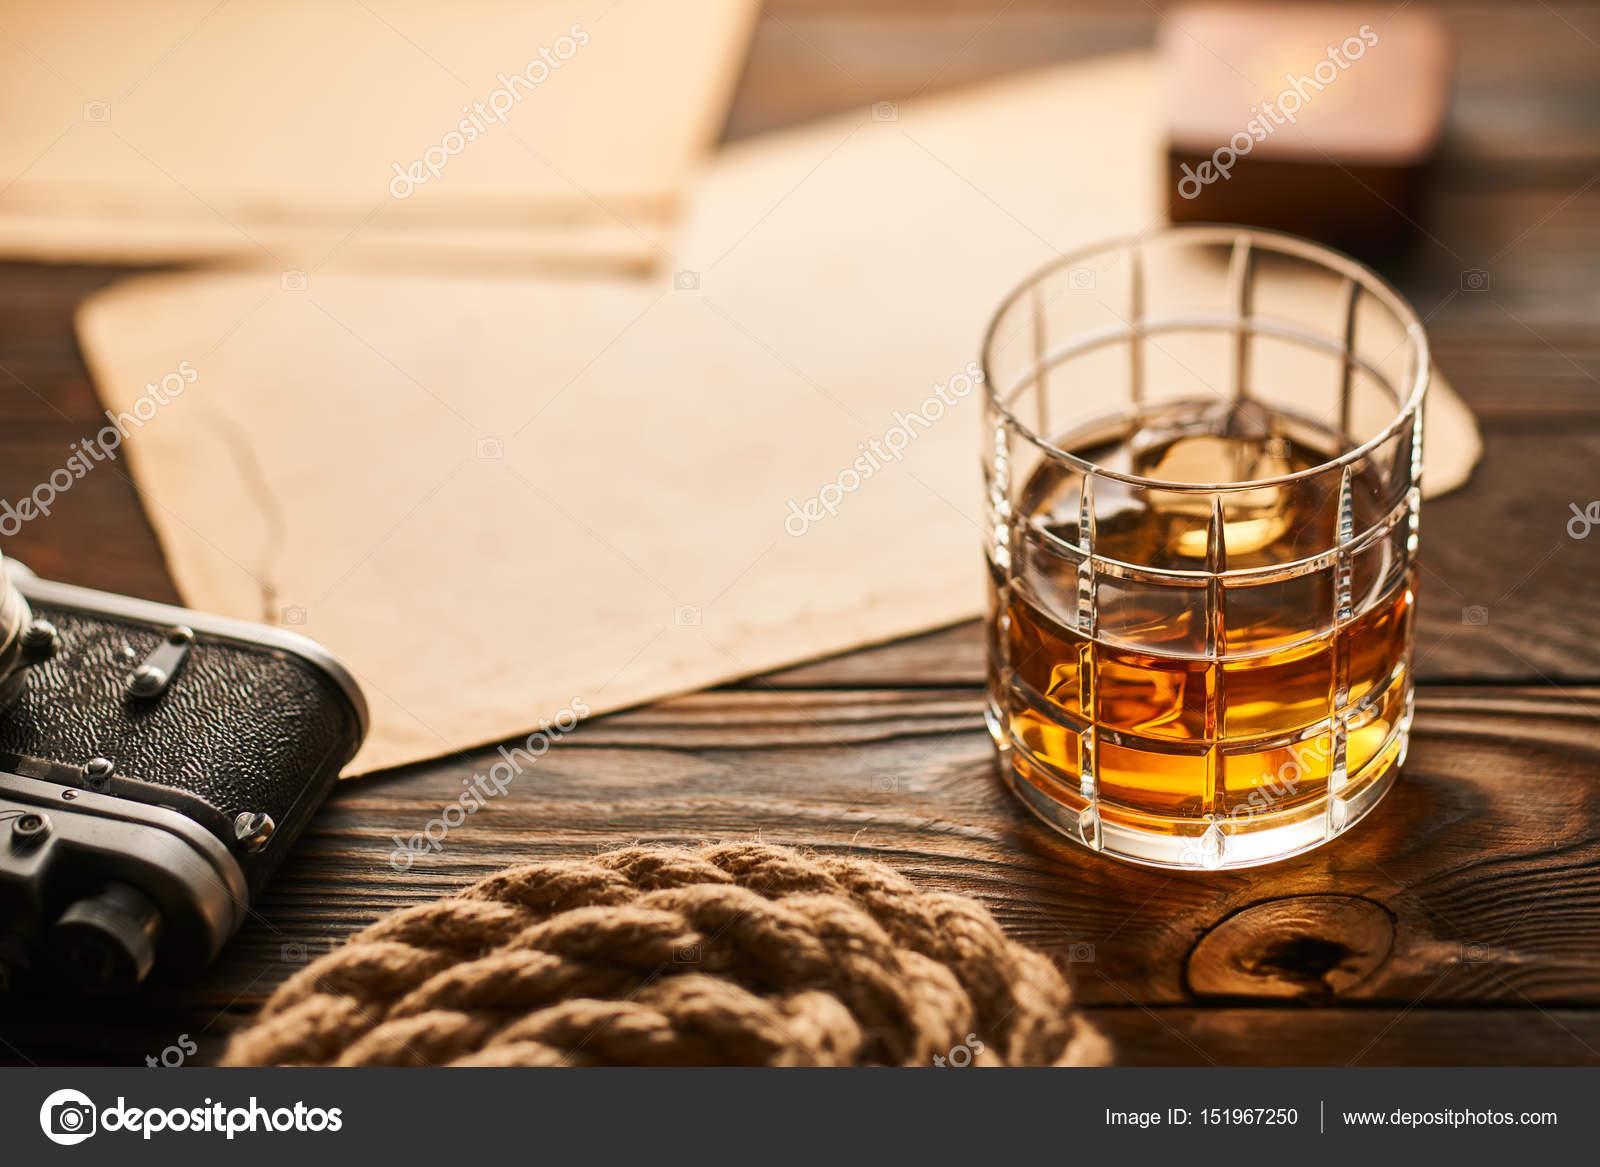 távolságmérő térkép Régi távolságmérő kamera és whiskey — Stock Fotó © haveseen #151967250 távolságmérő térkép